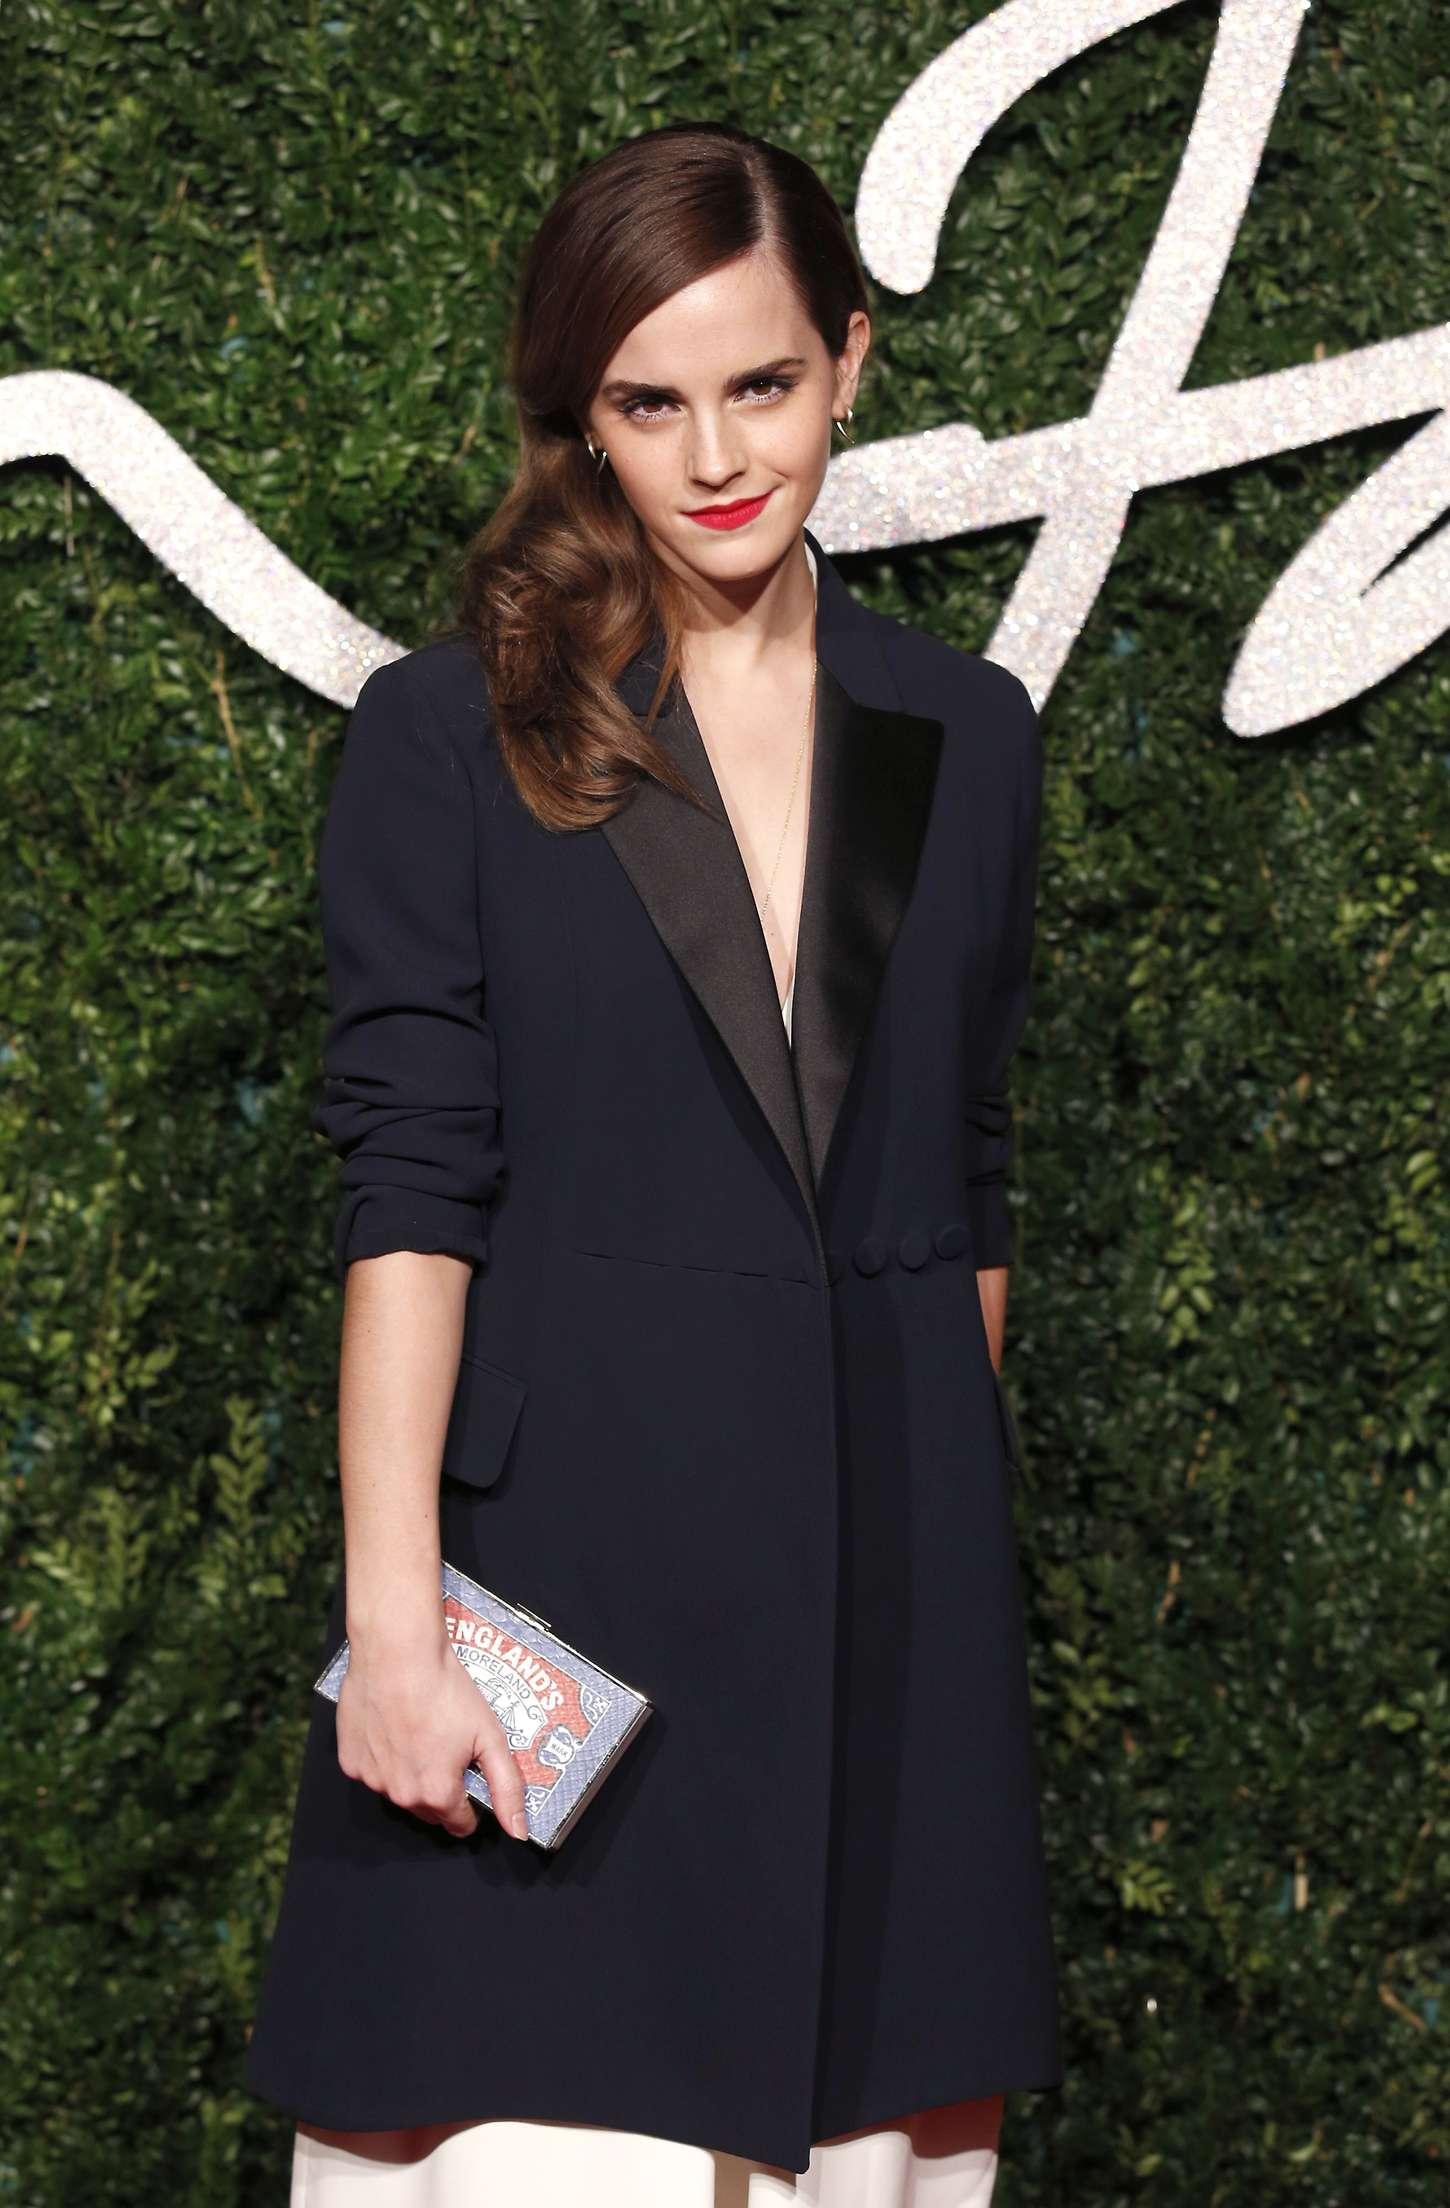 Emma Watson 2014 British Fashion Awards In London